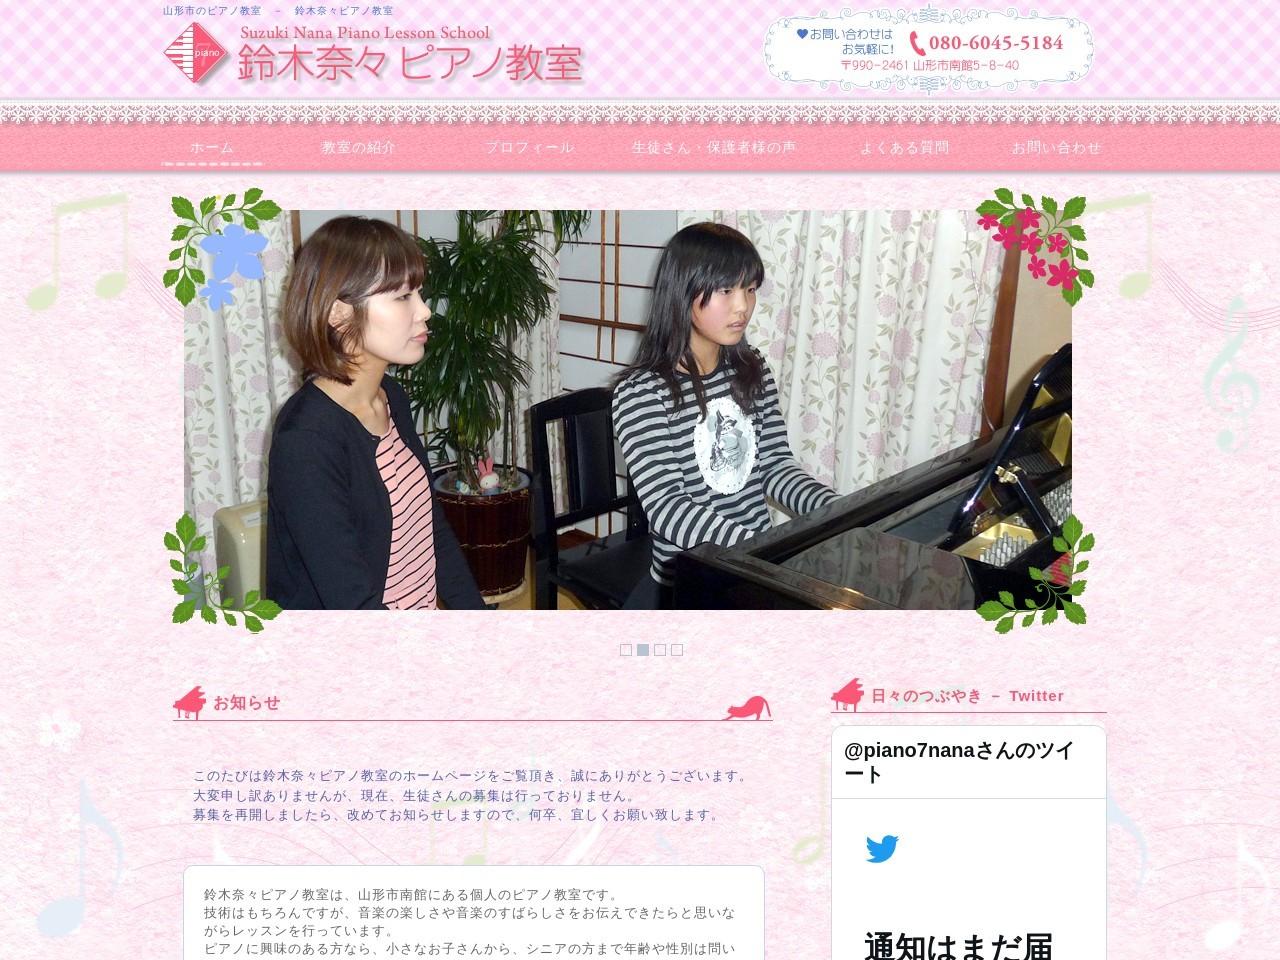 鈴木奈々ピアノ教室のサムネイル